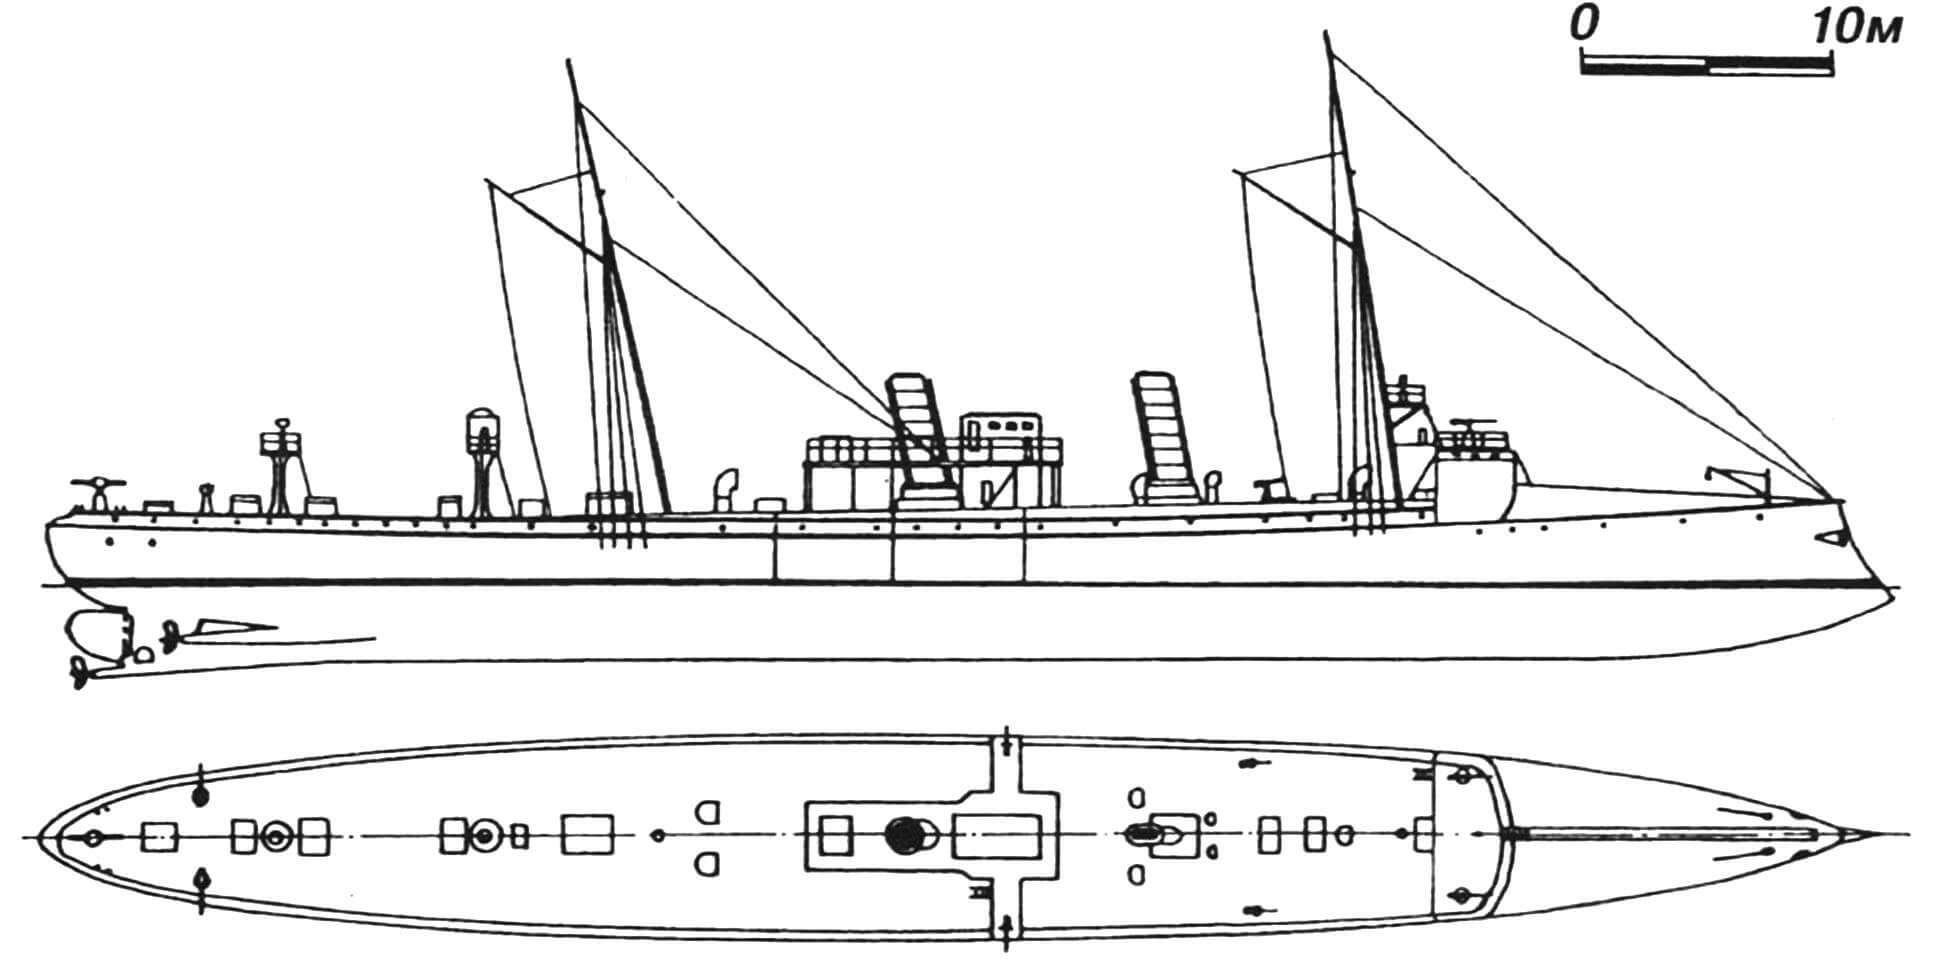 76. Минный крейсер «Монзамбано», Италия, 1889 г. Строился на государственной верфи в Специи. Водоизмещение нормальное 870 т, полное 980 т. Длина максимальная 73,4 м, ширина 7,9 м, осадка 3,3 м. Мощность трехвальной паросиловой установки 3100 л.с., скорость на испытаниях 18,2 узла. Вооружение: пять 356-мм торпедных аппаратов, шесть 57-мм и два 37-мм орудия. Броня палубы 37 мм. Построено четыре единицы: «Монзамбано», «Гоито», «Монтебелло» и «Конфьенца». Имели несколько различные размеры и вооружение и разное число труб (первые два — две трубы, третий — три и последний — одну). Неоднократно модернизировались и перевооружались. «Монзамбано» и «Конфьенца» исключены из списков в 1901 г., остальные два — после Первой мировой войны.